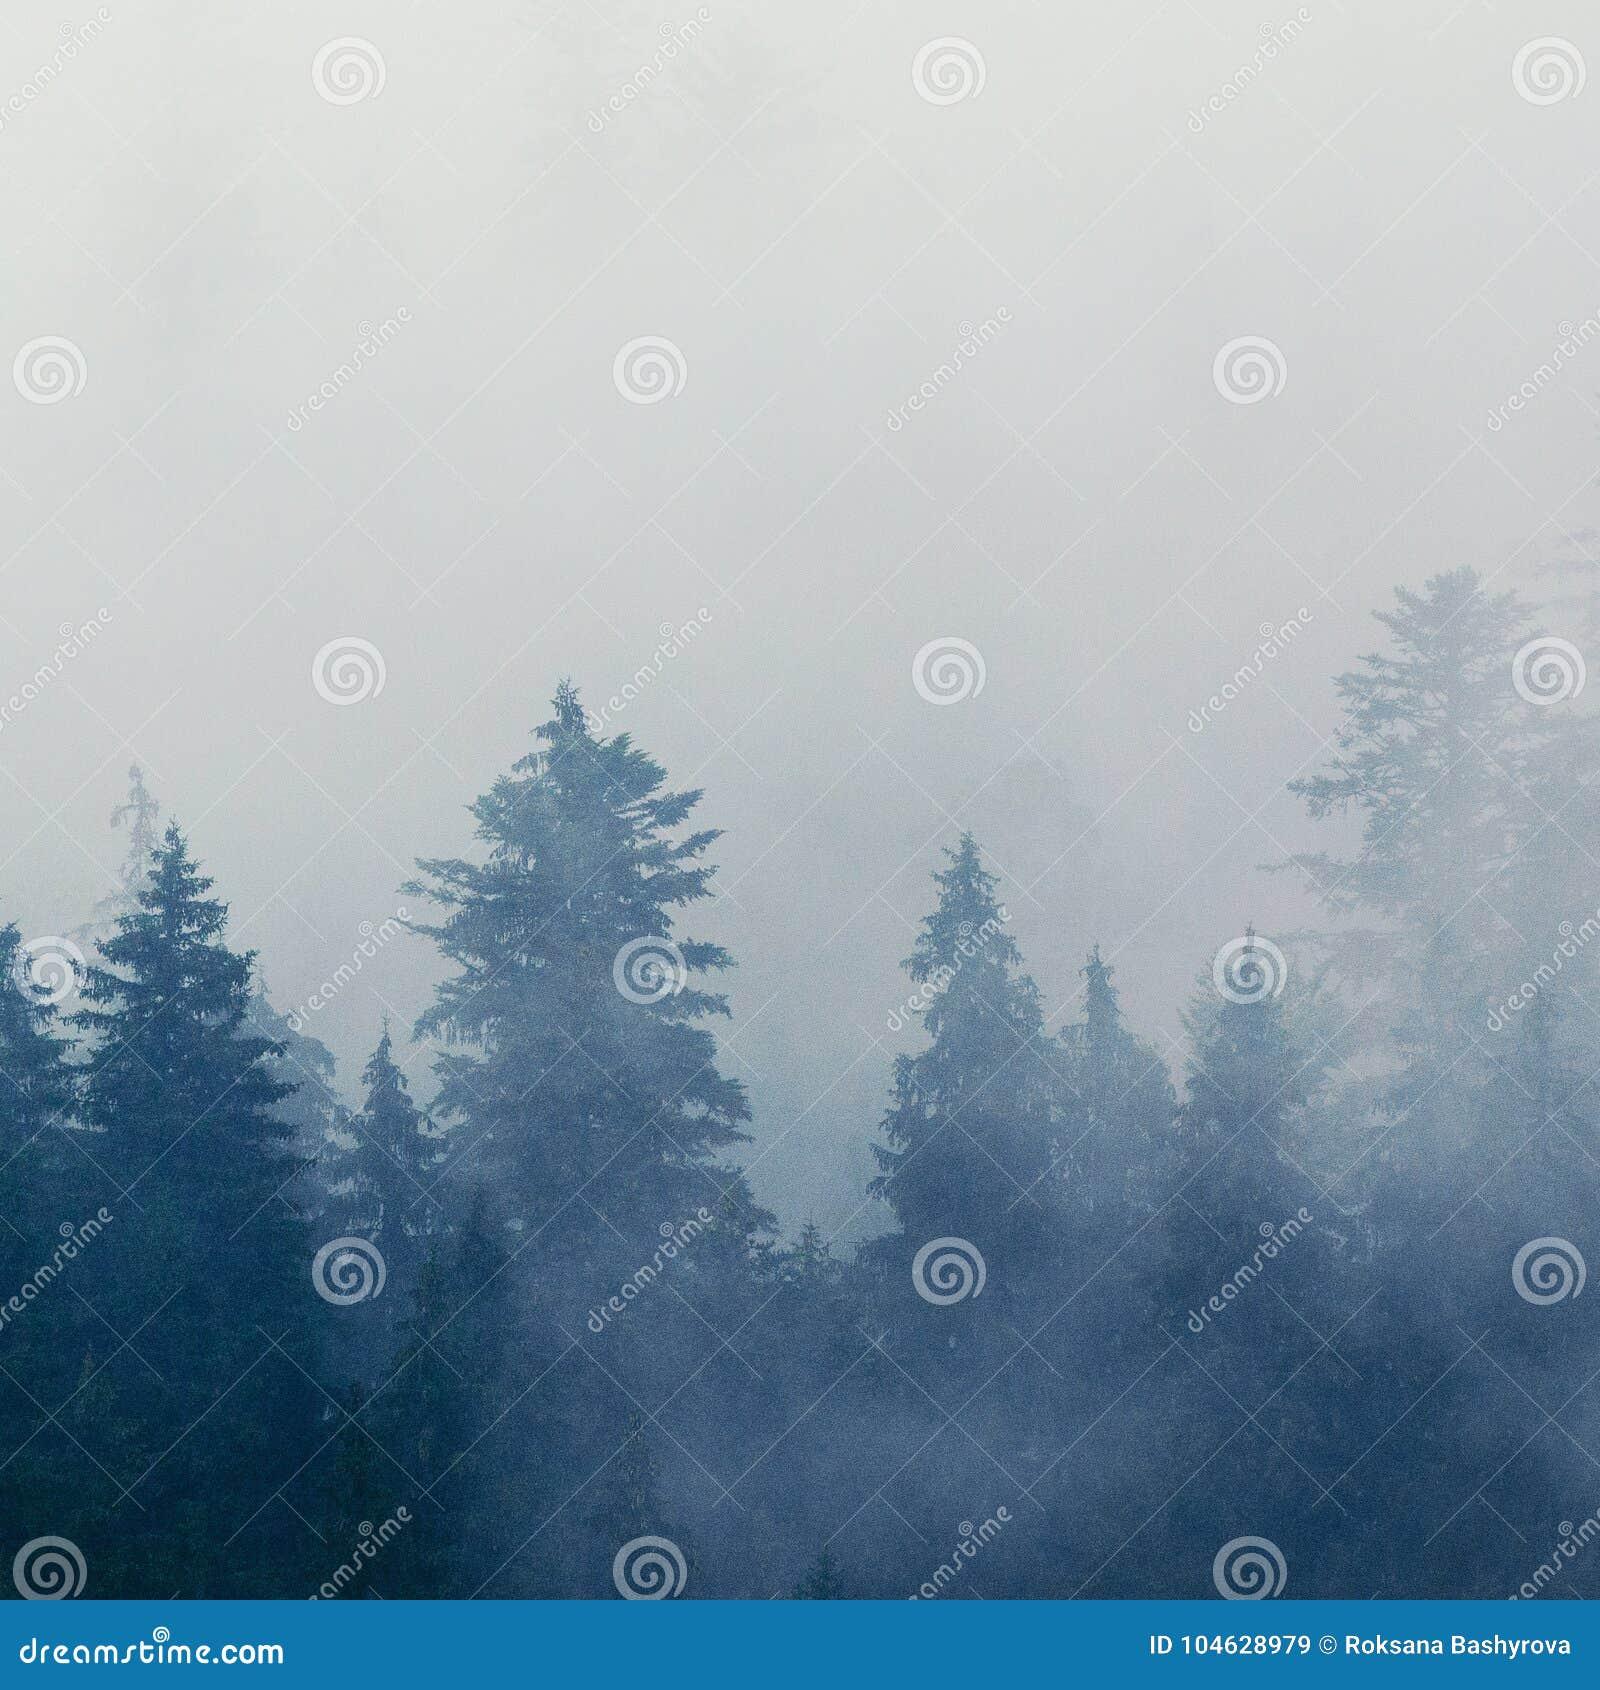 Download Mistig ochtendlandschap stock afbeelding. Afbeelding bestaande uit naald - 104628979